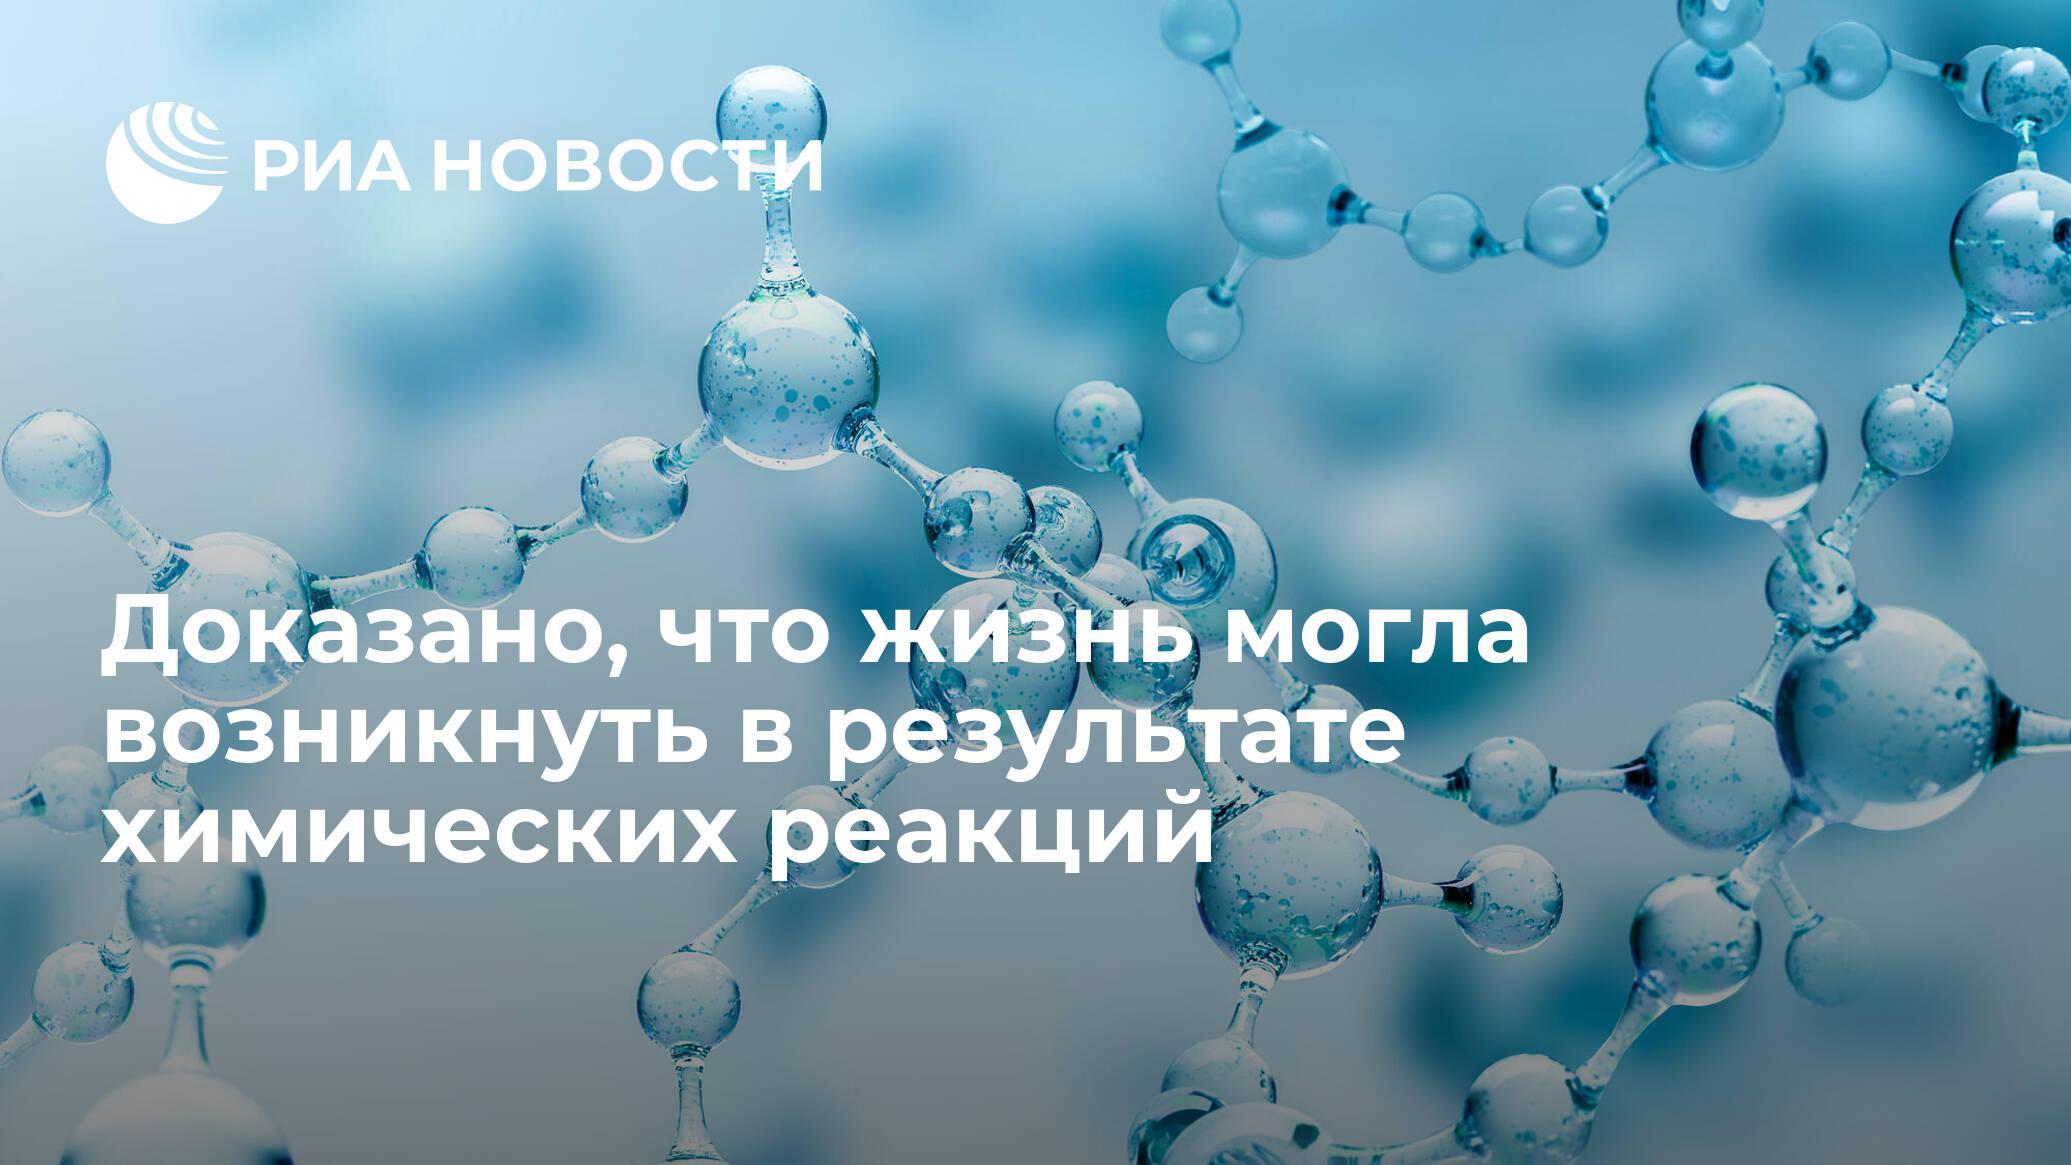 Доказано, что жизнь могла возникнуть в результате химических реакций